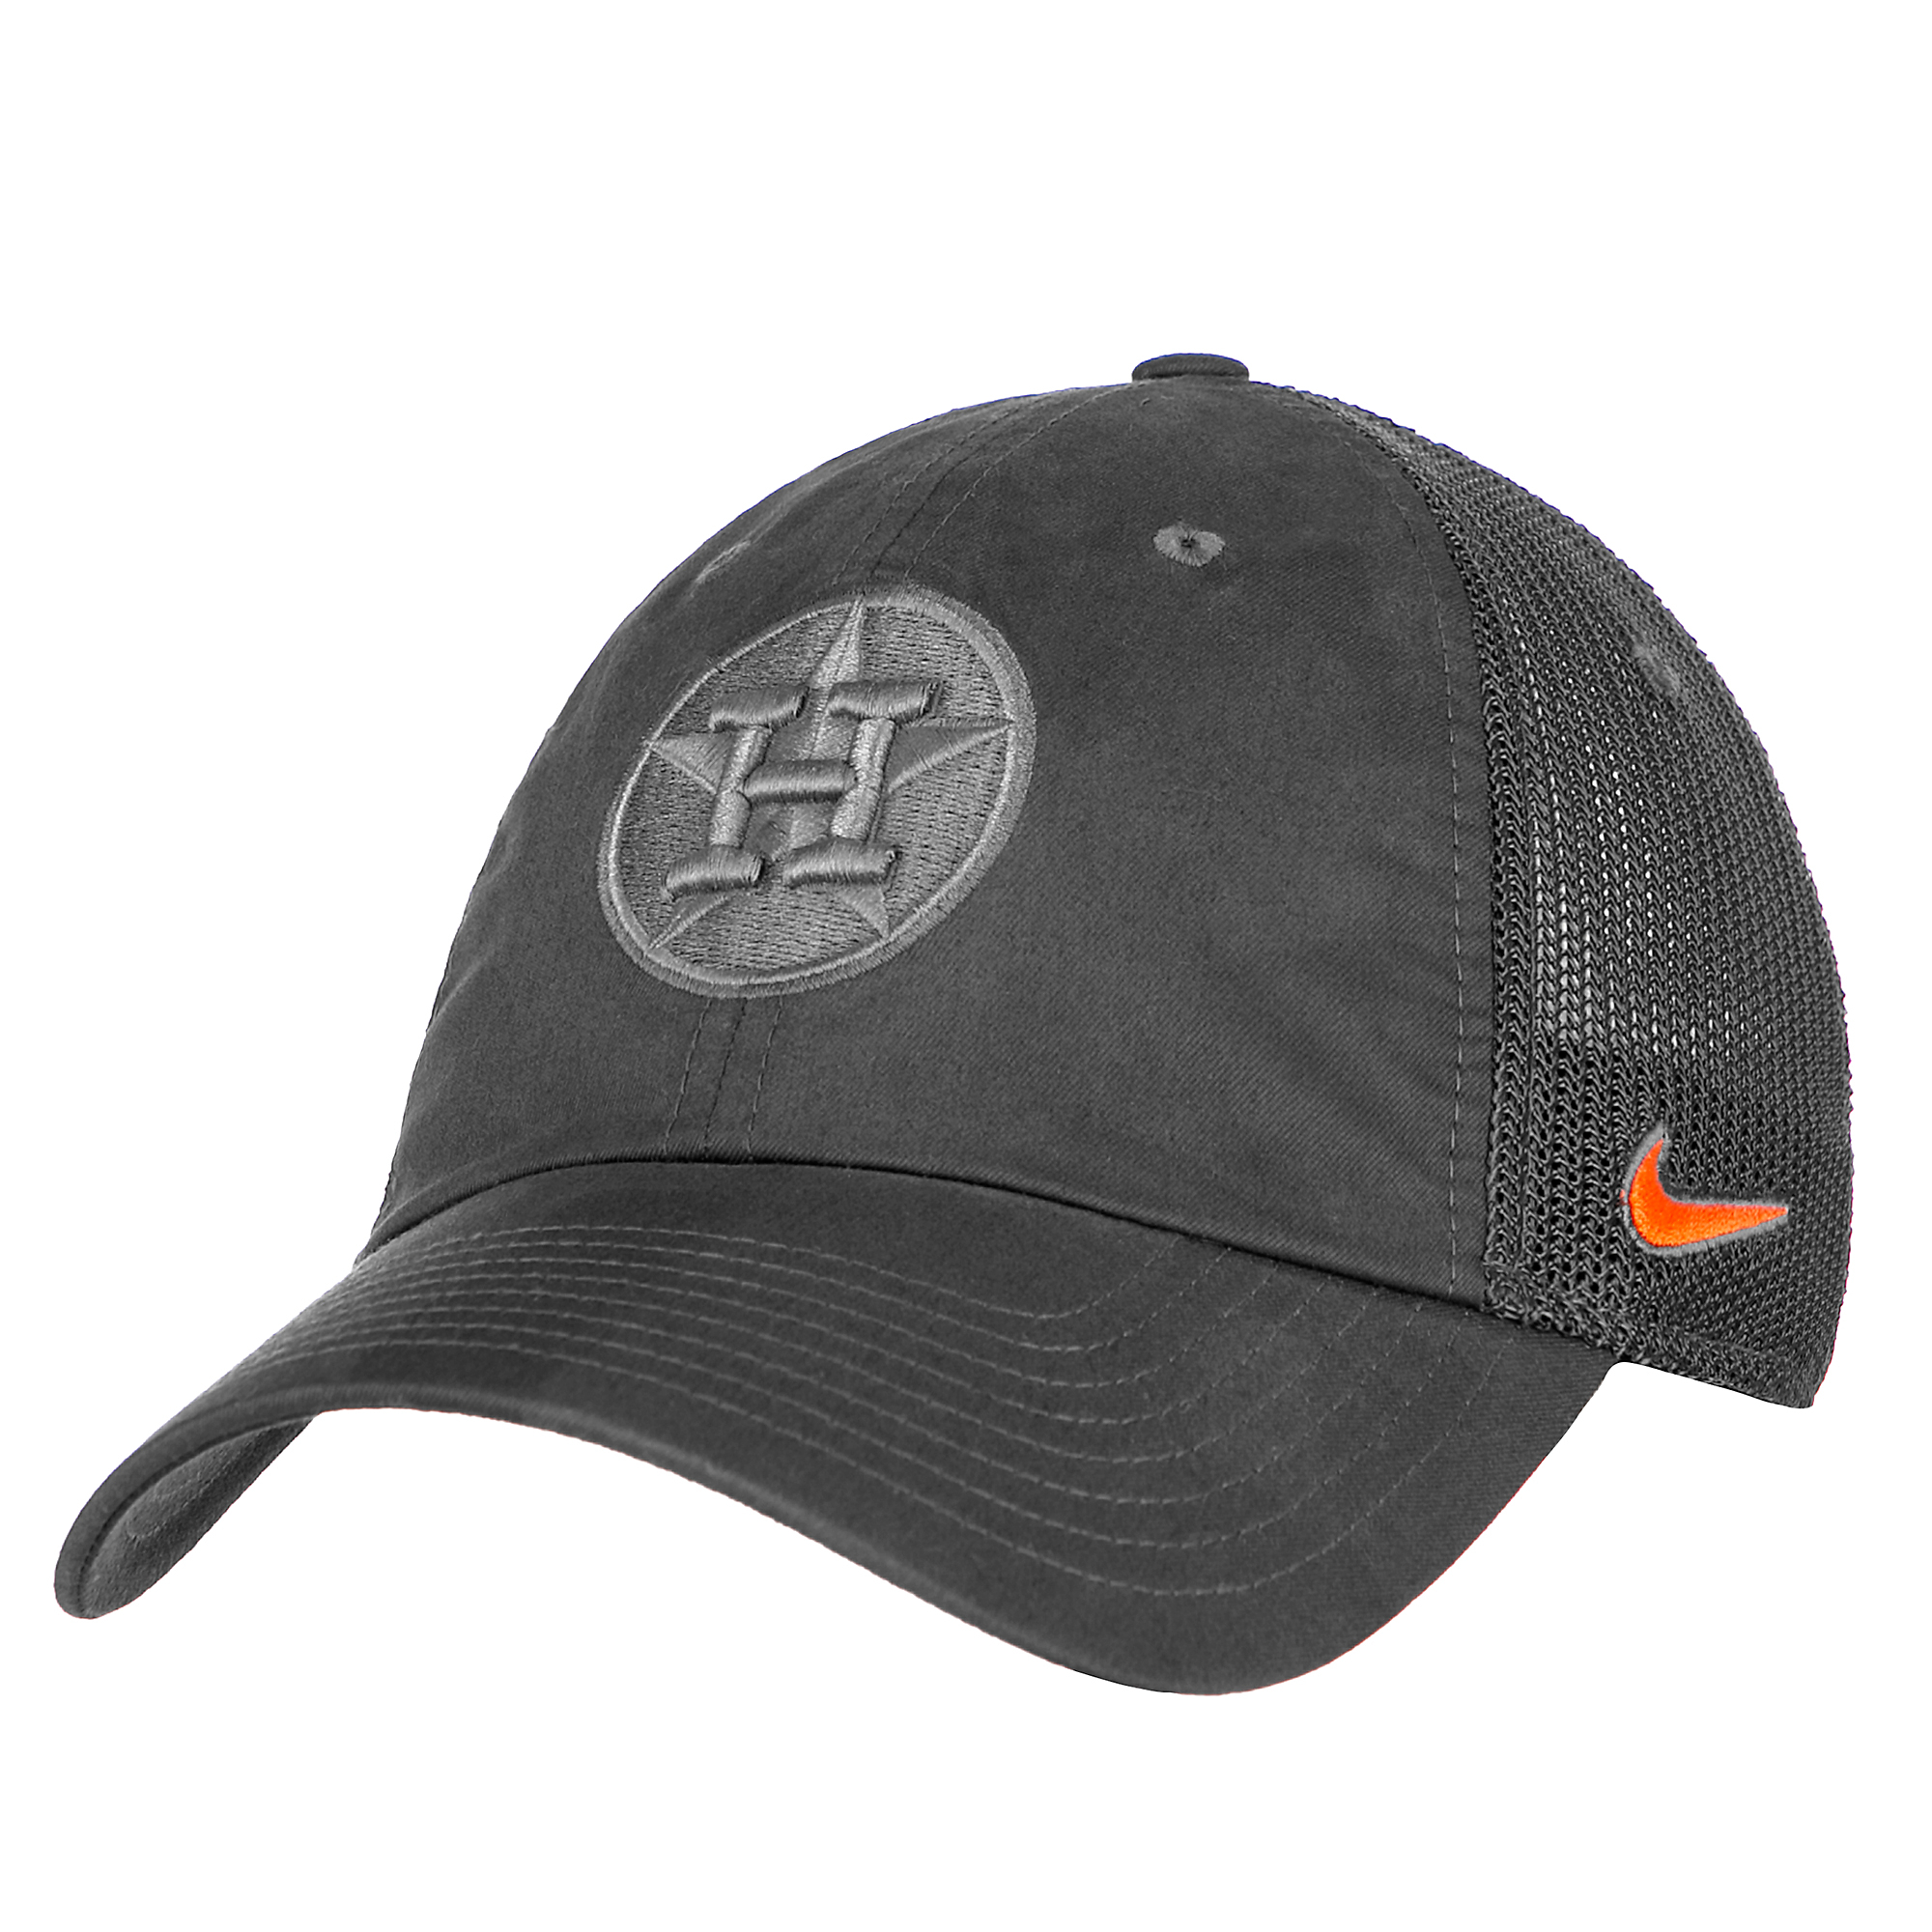 08ed67221 Houston Astros Nike Heritage86 Fabric Adjustable Cap